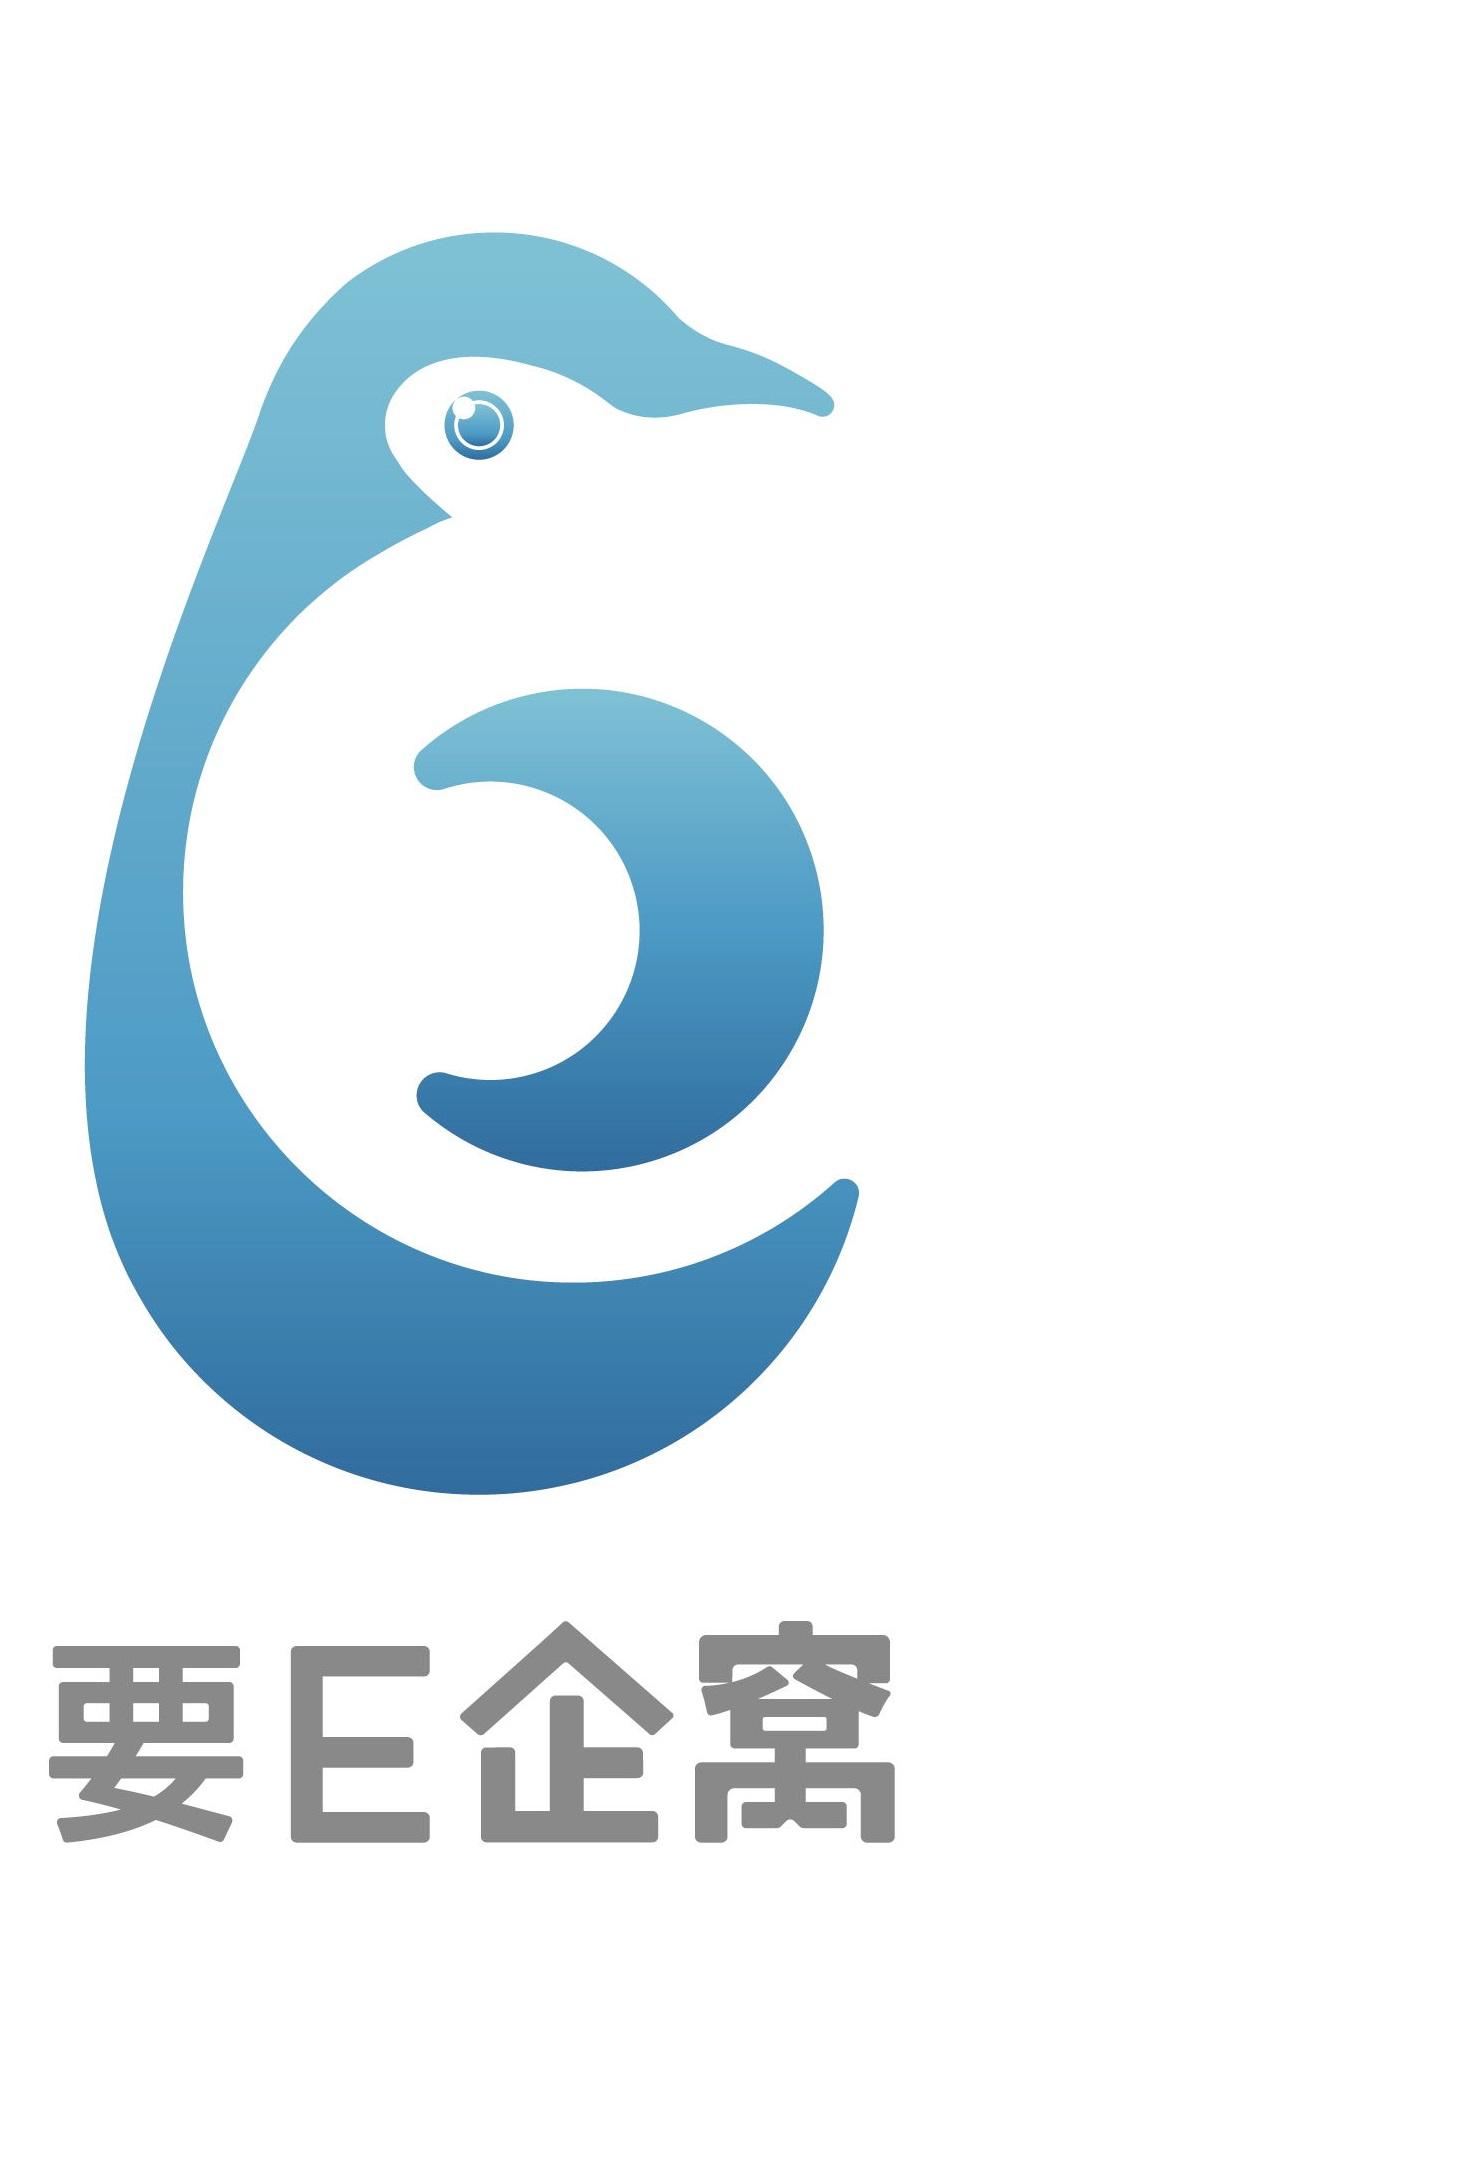 ...账机构、商标注册代理 - 苏州吴中长桥会计审计 - 苏州百姓网